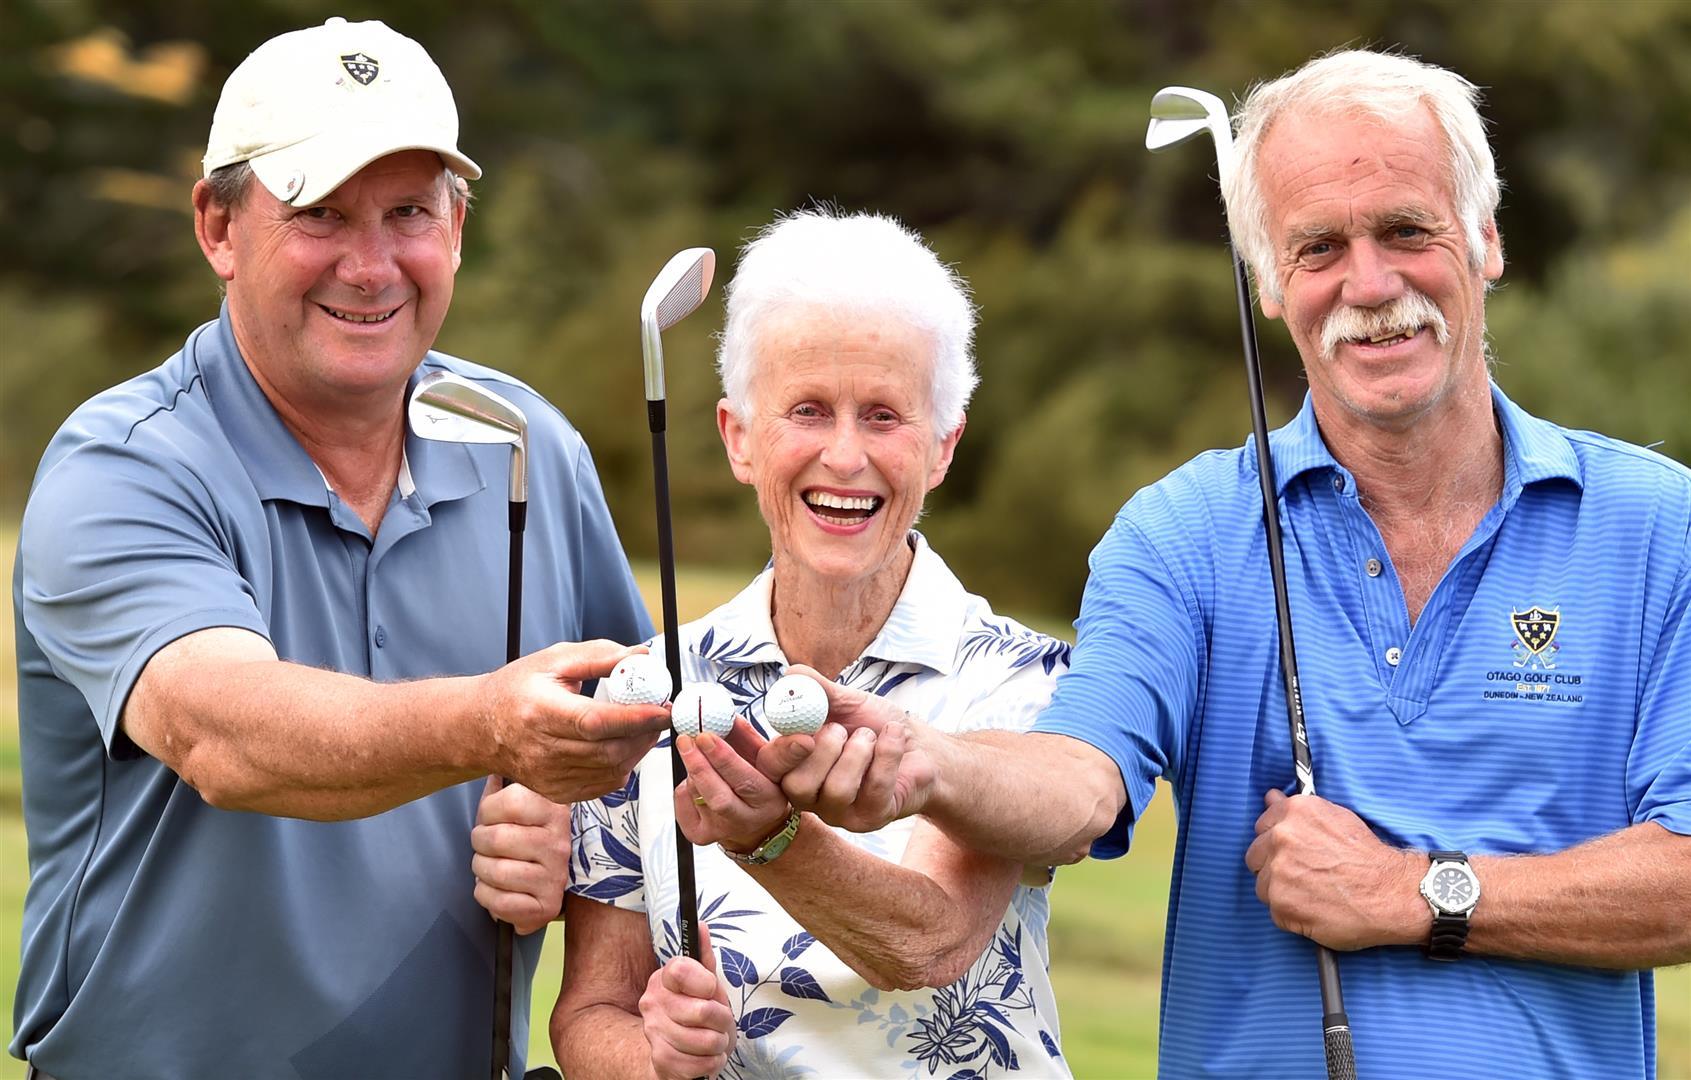 奥塔哥高尔夫俱乐部Balmacewen球场的每一个球洞中都有自己的天赋来自(左起)Dean Parsons,Lillian Bartlett和Trevor King。照片:Peter McIntosh